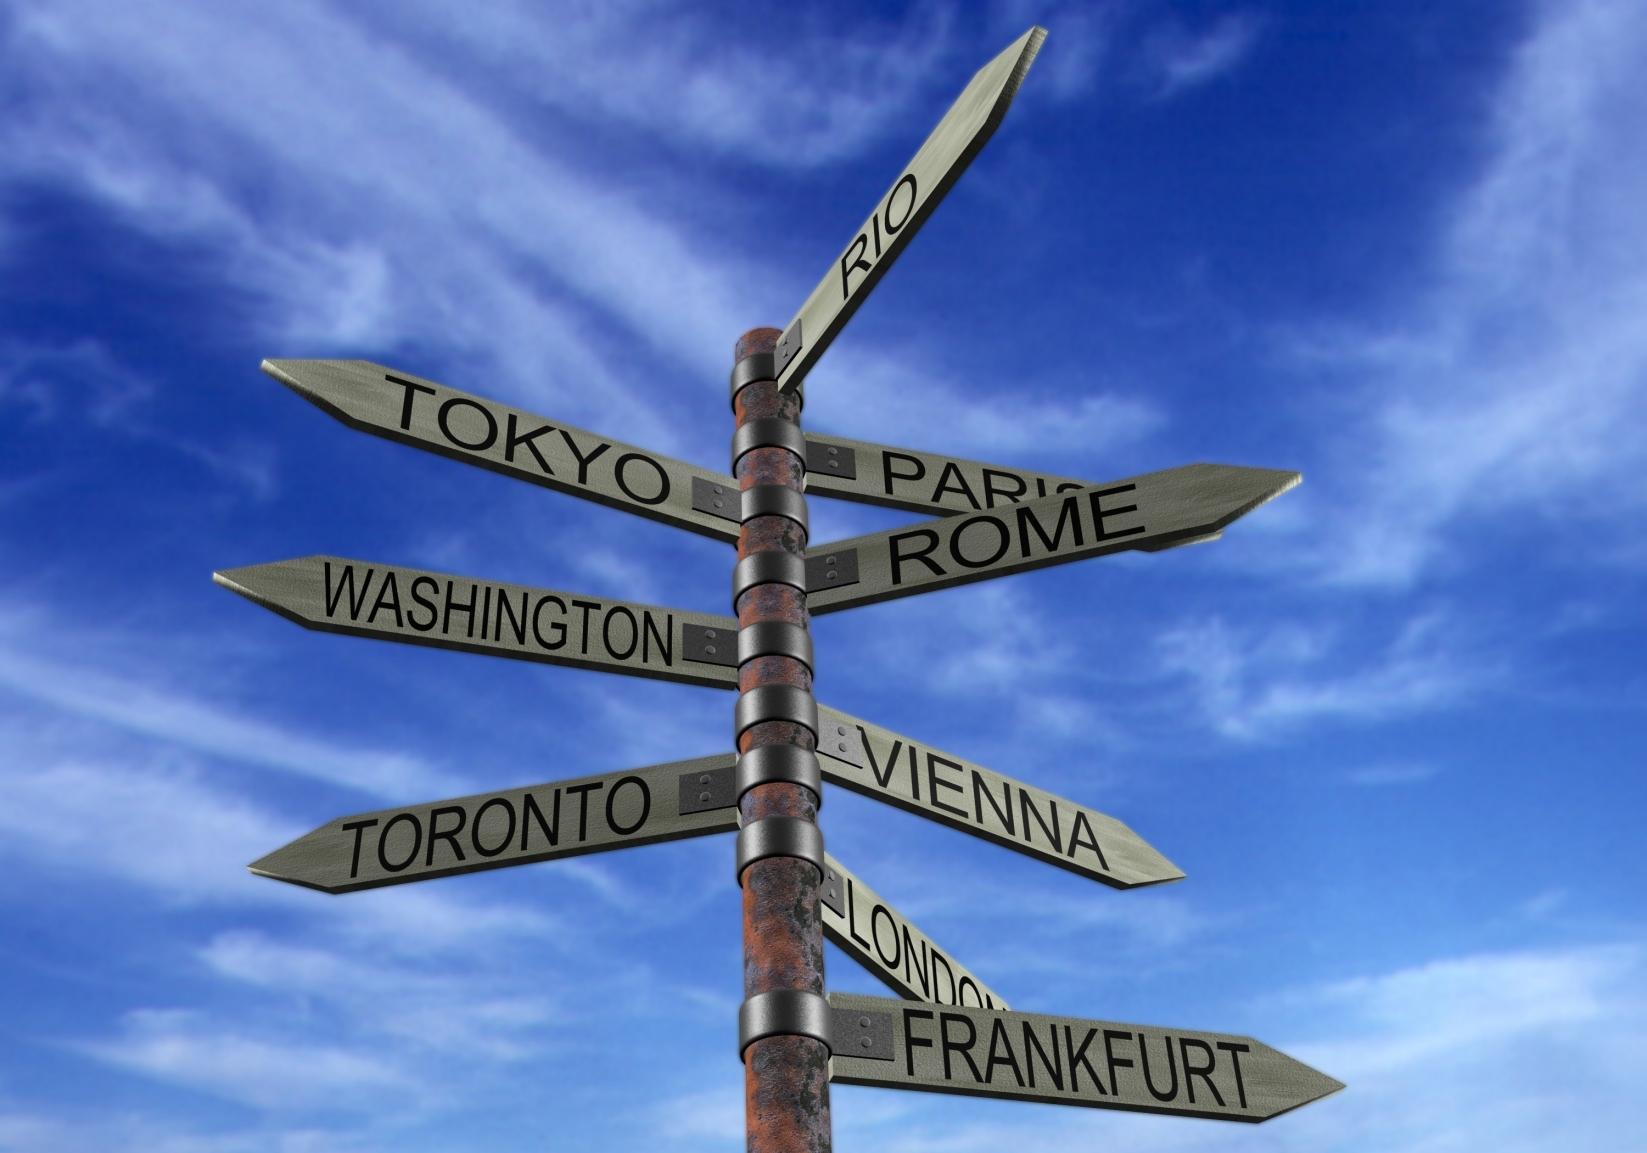 Лучшие туристические направления на 2011 год прогноз